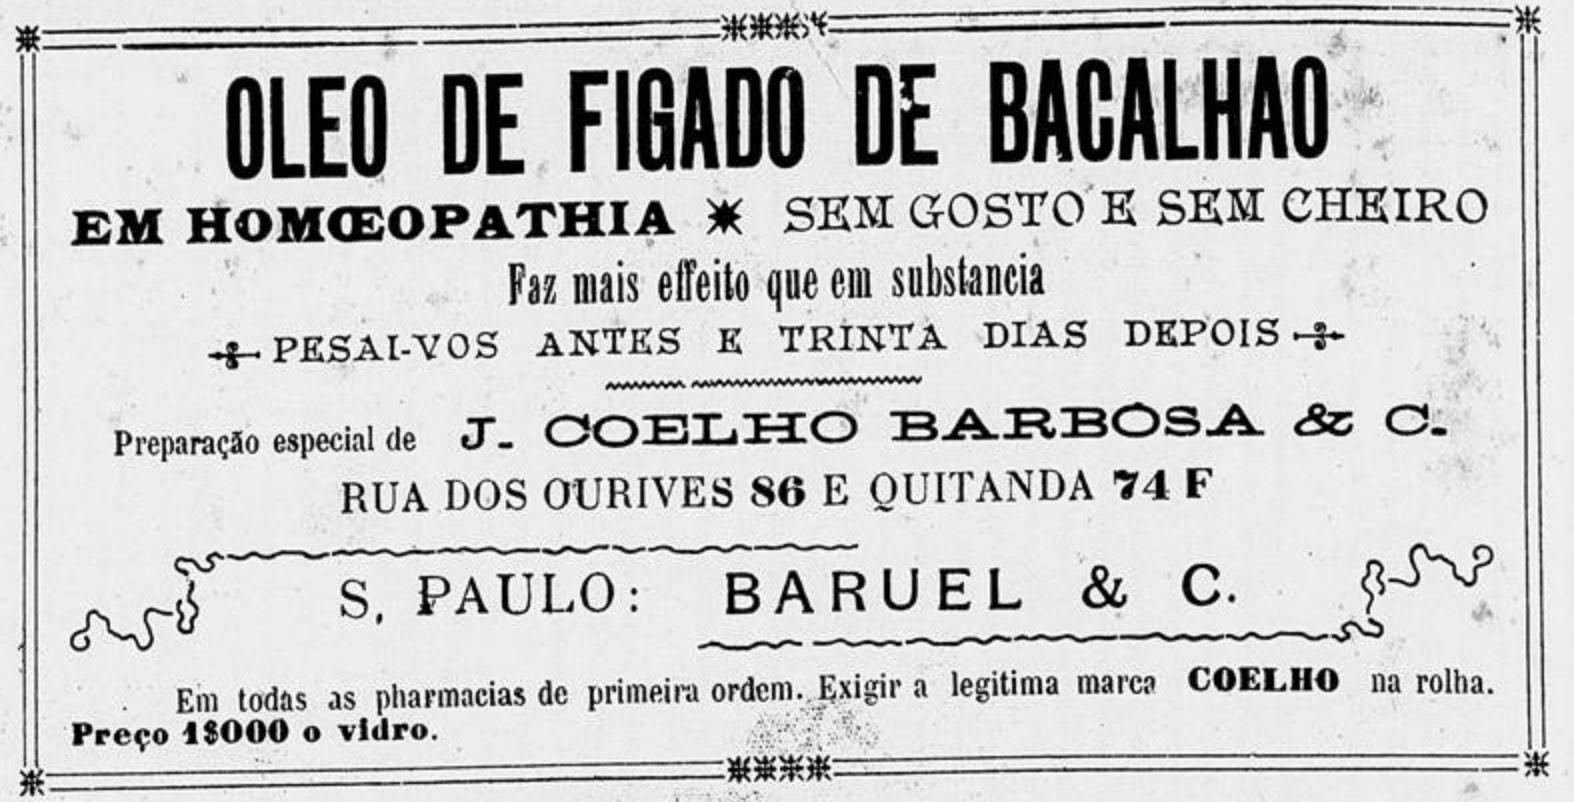 Anúncio veiculado em 1906 promovia os benefícios do Óleo de Fígado de Bacalhau